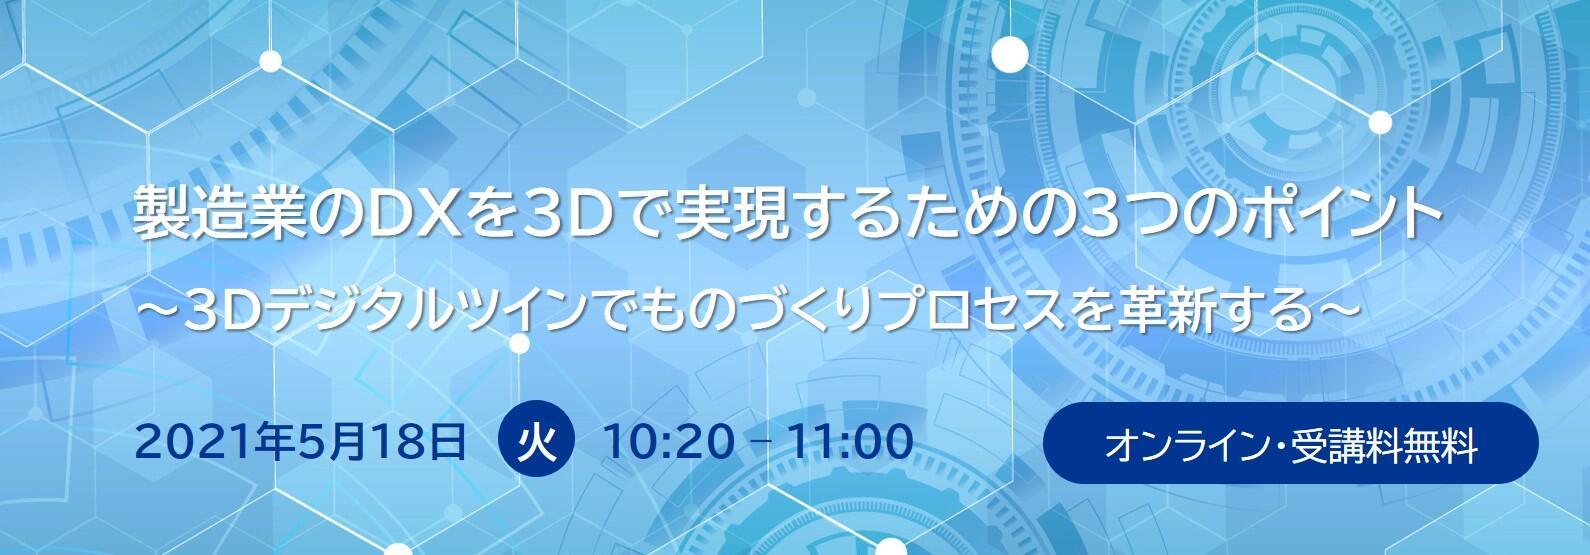 製造業のDXを3Dで実現するための3つのポイント